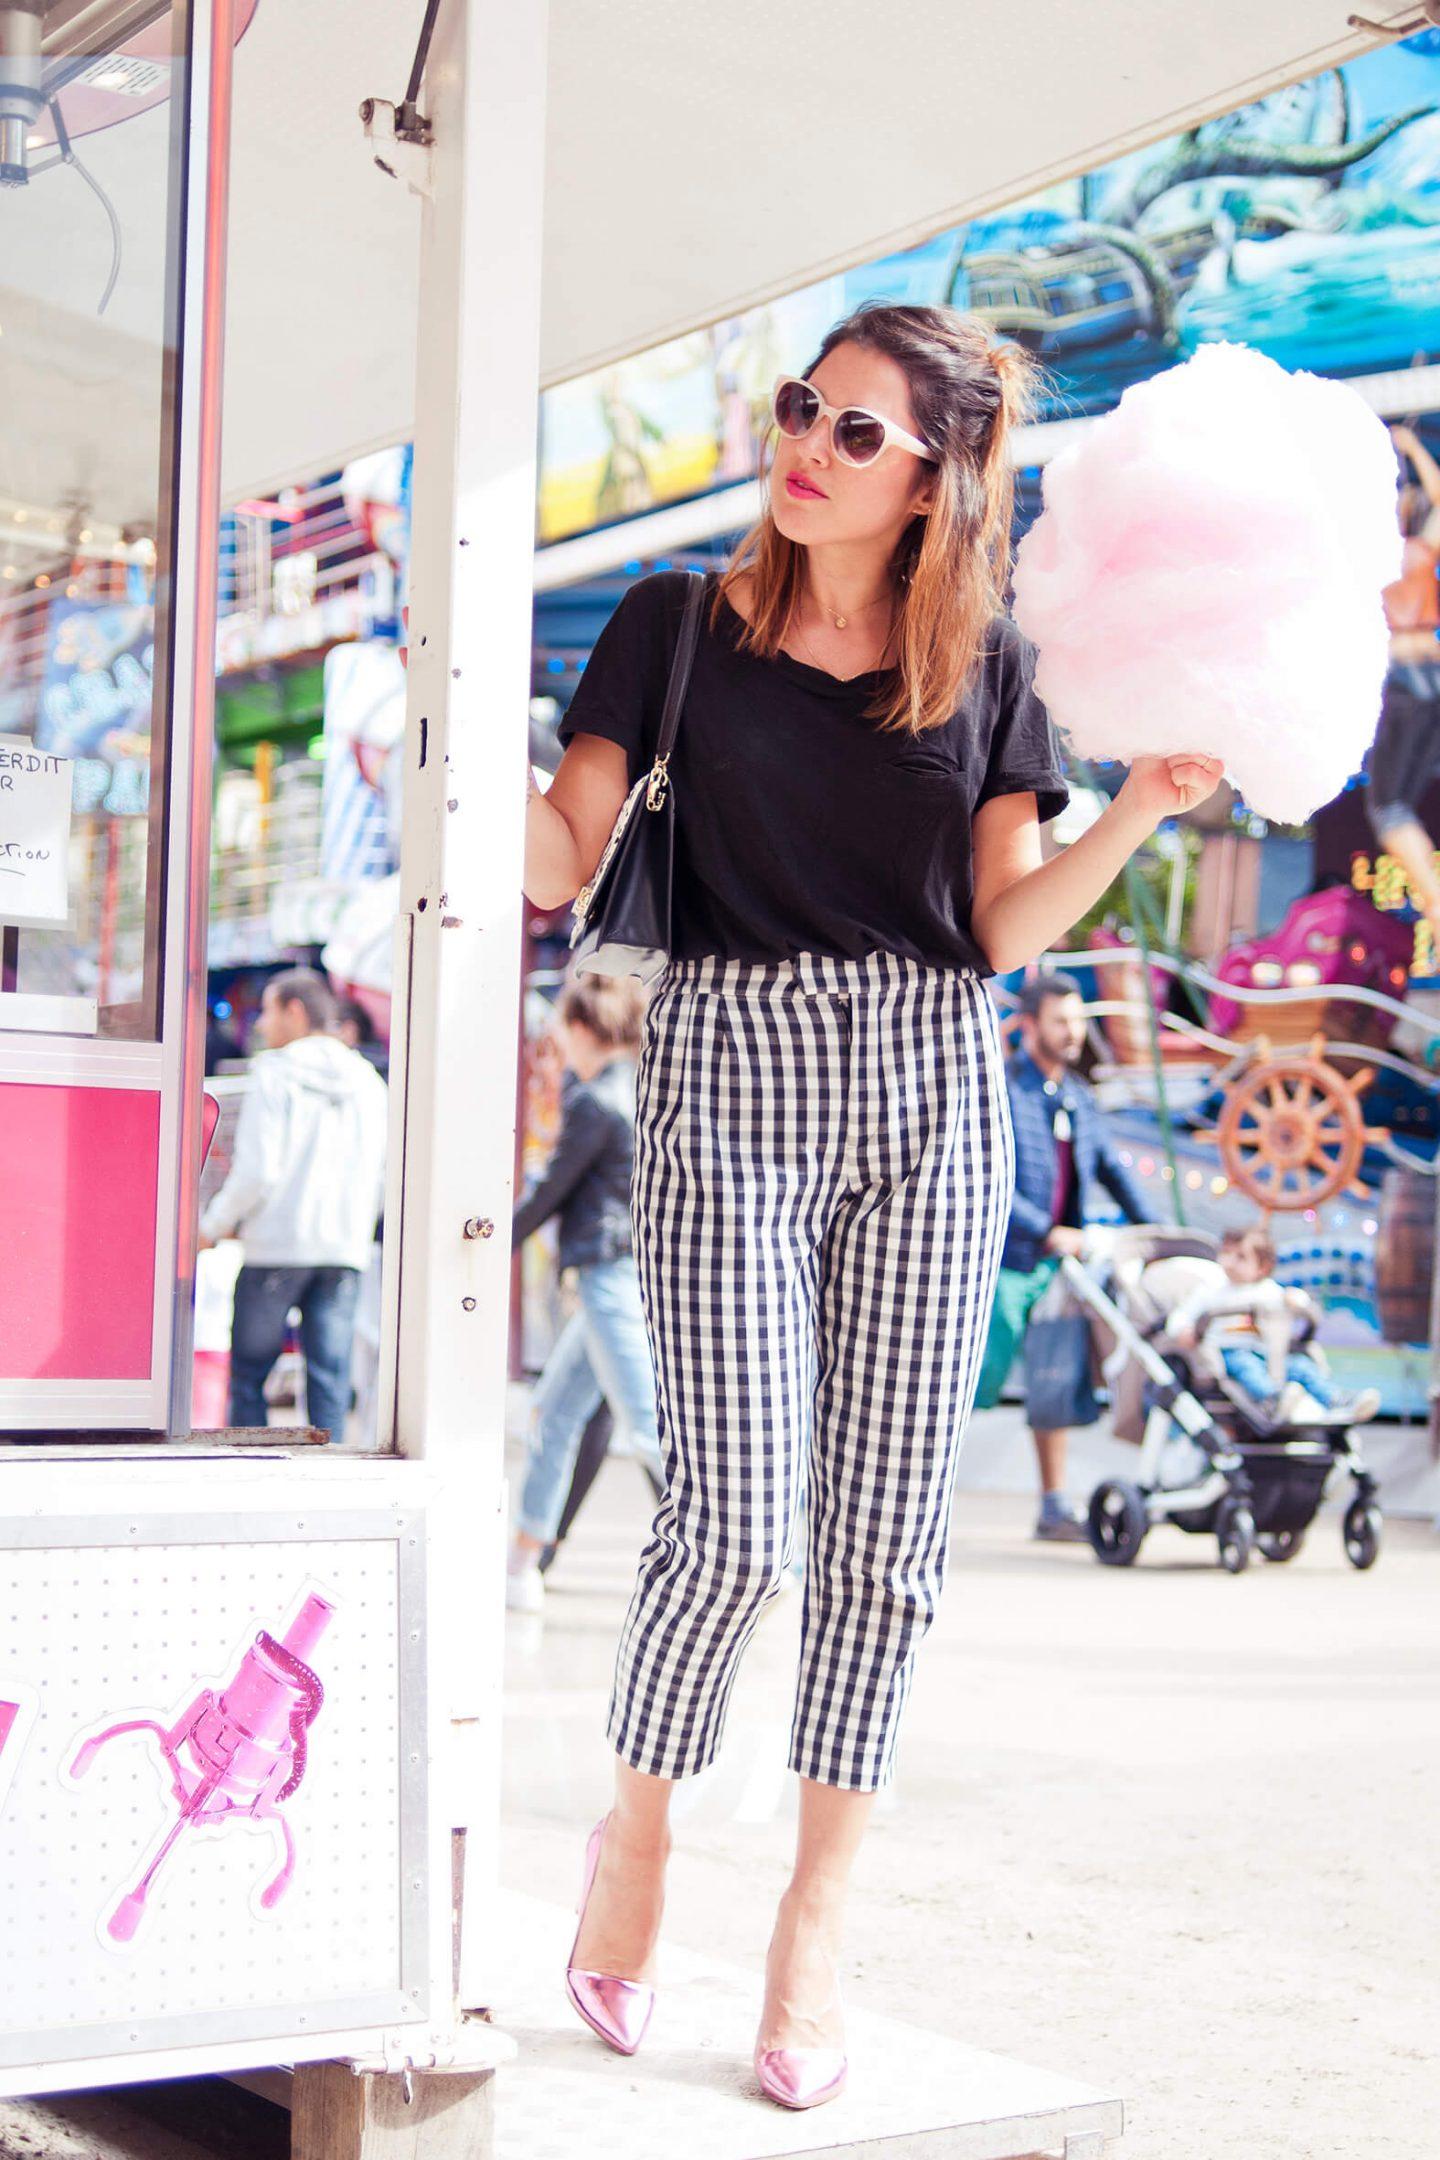 Look jardin des tuileries fête foraine vichy L'atelier d'al blog mode lifestyle Paris